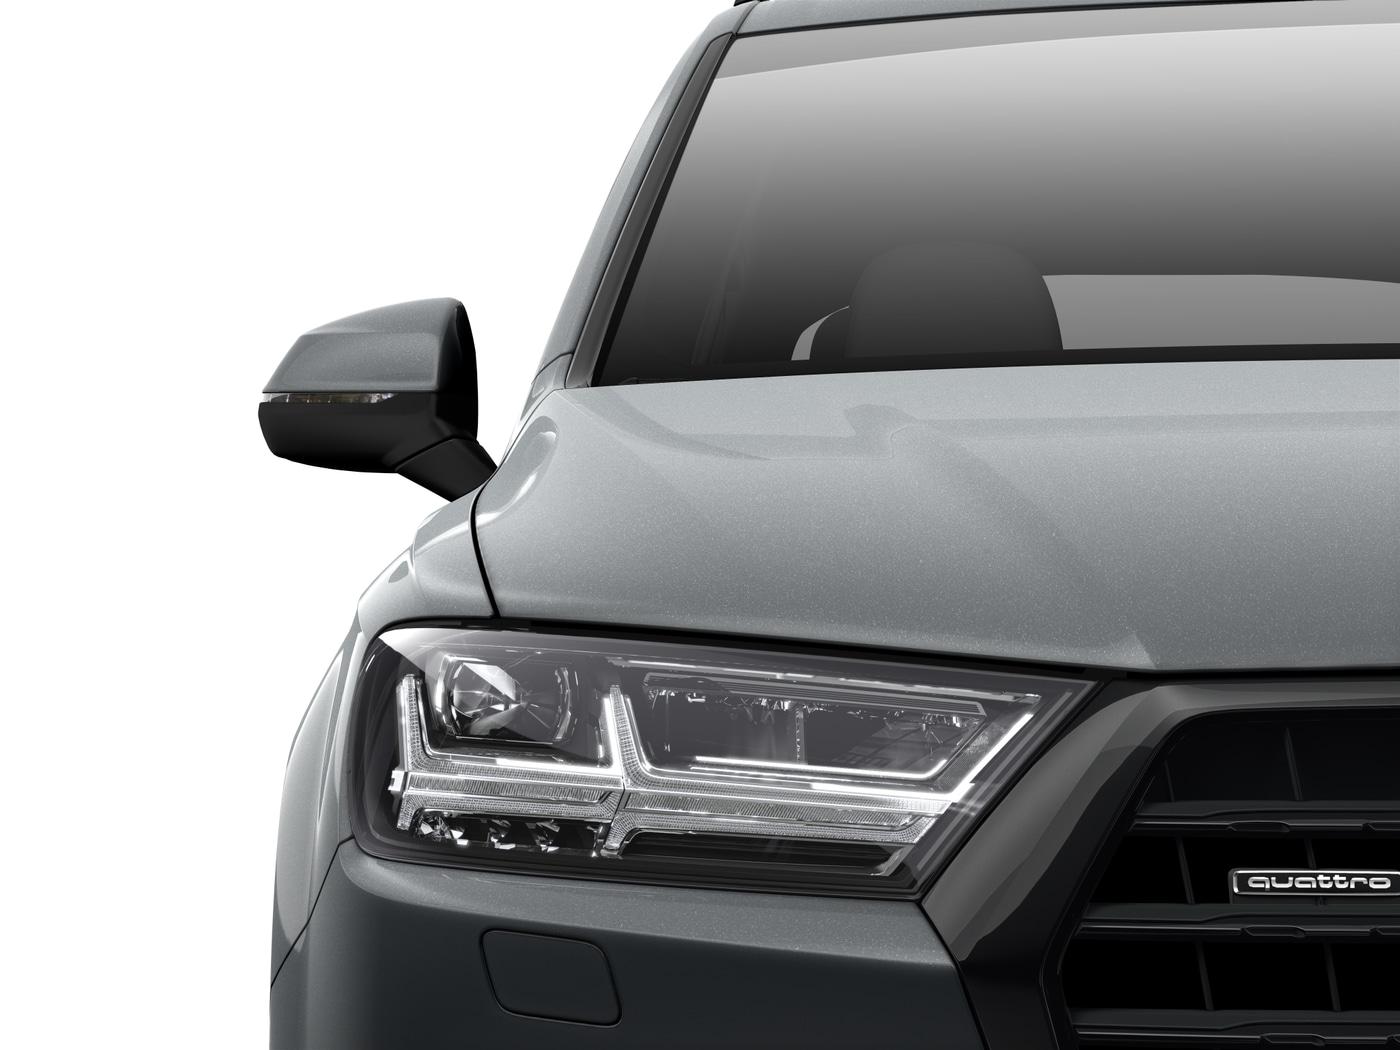 New 2019 Audi Q7 For Sale at Audi Kalamazoo   VIN